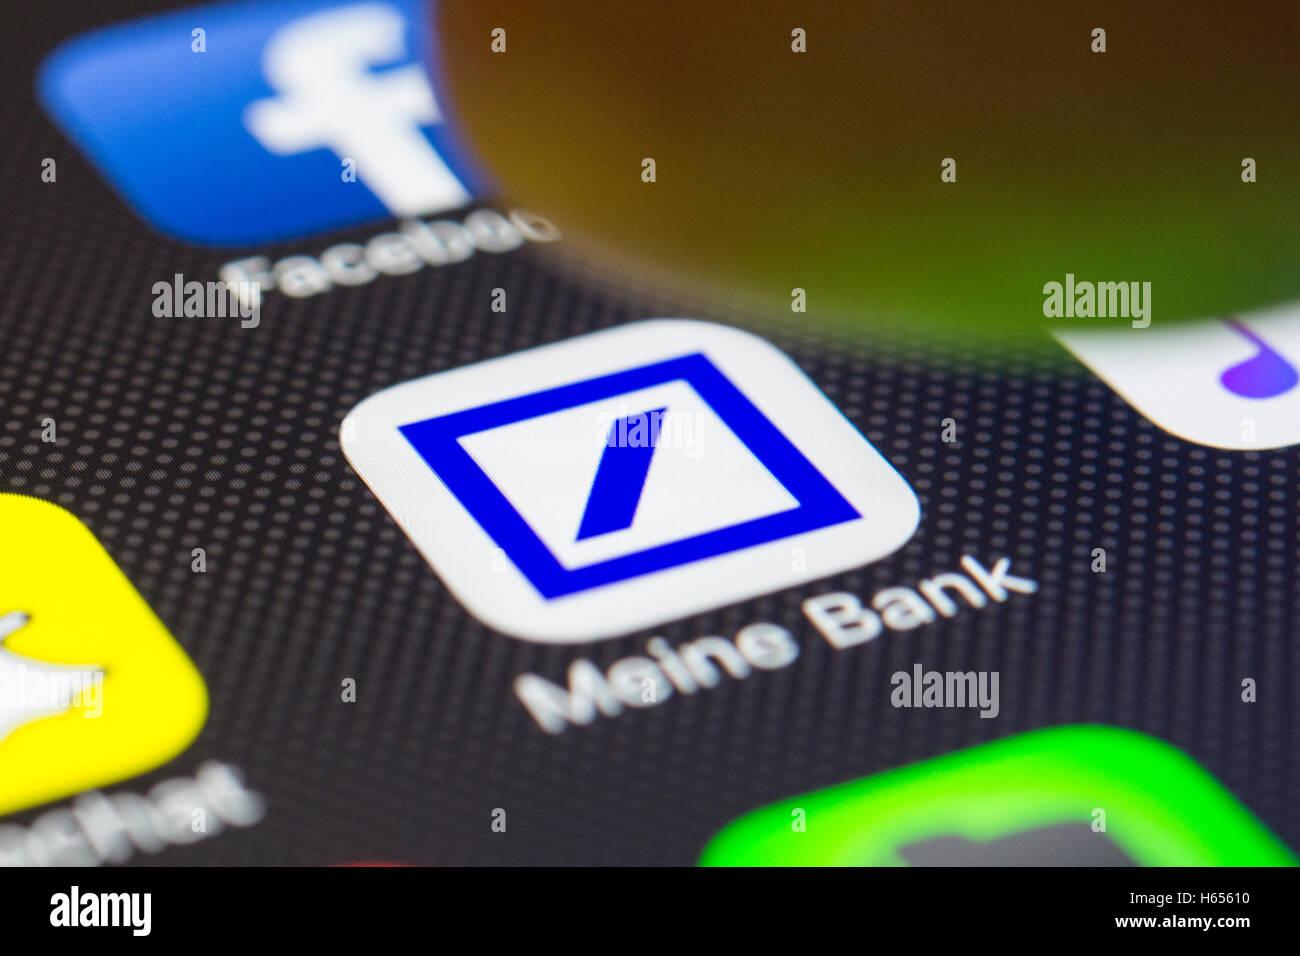 Deutsche Bank online banking app close up on iPhone smart phone screen - Stock Image